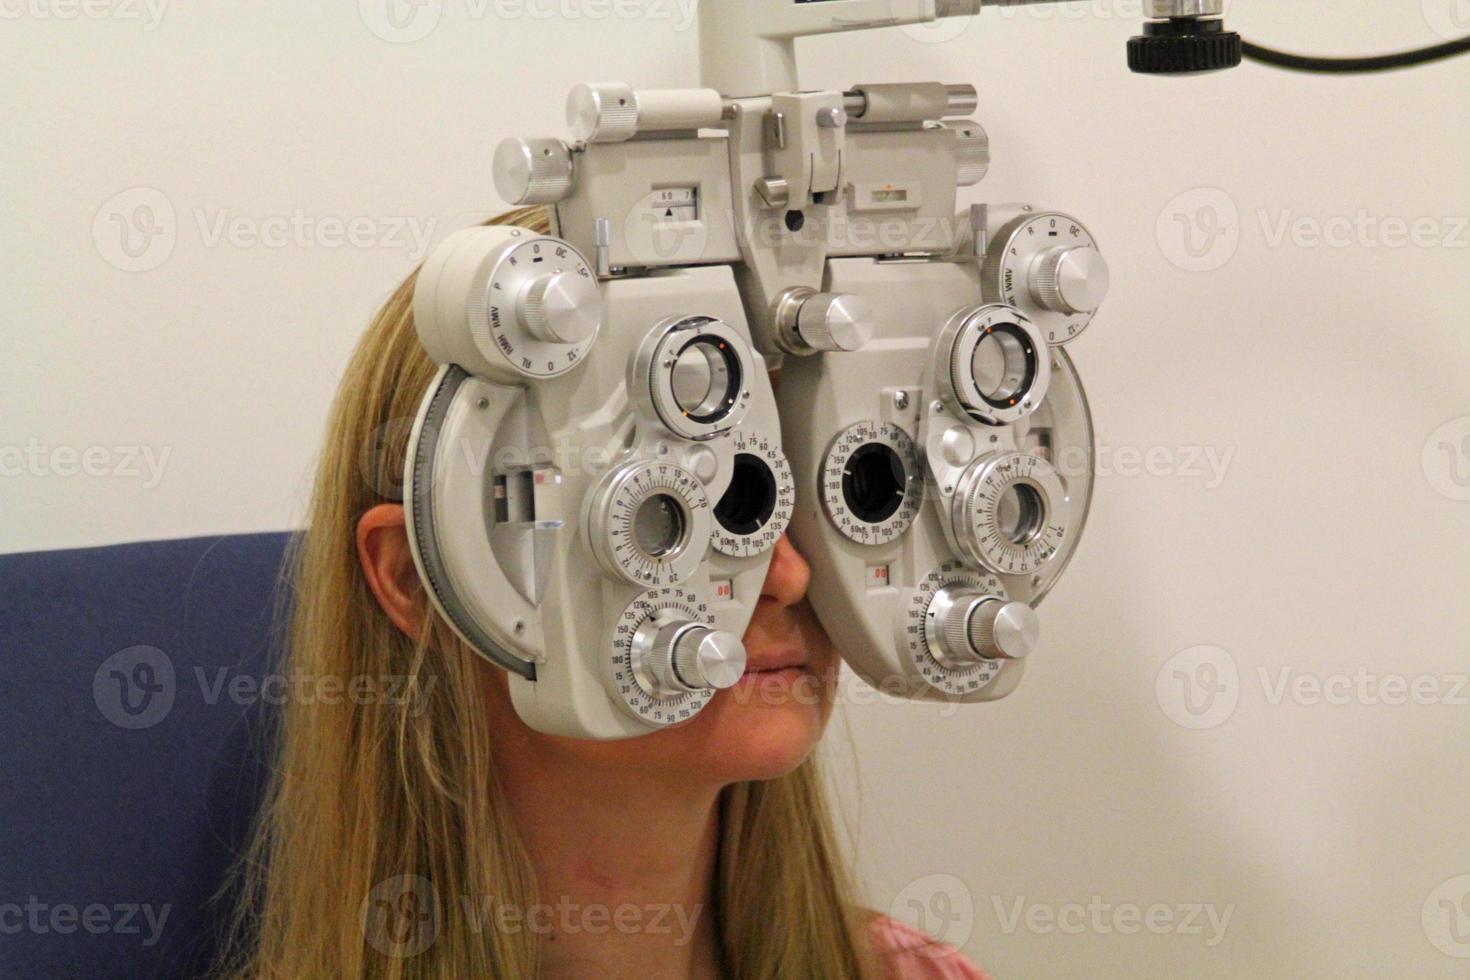 Augenuntersuchung mit einem Phoroptor foto